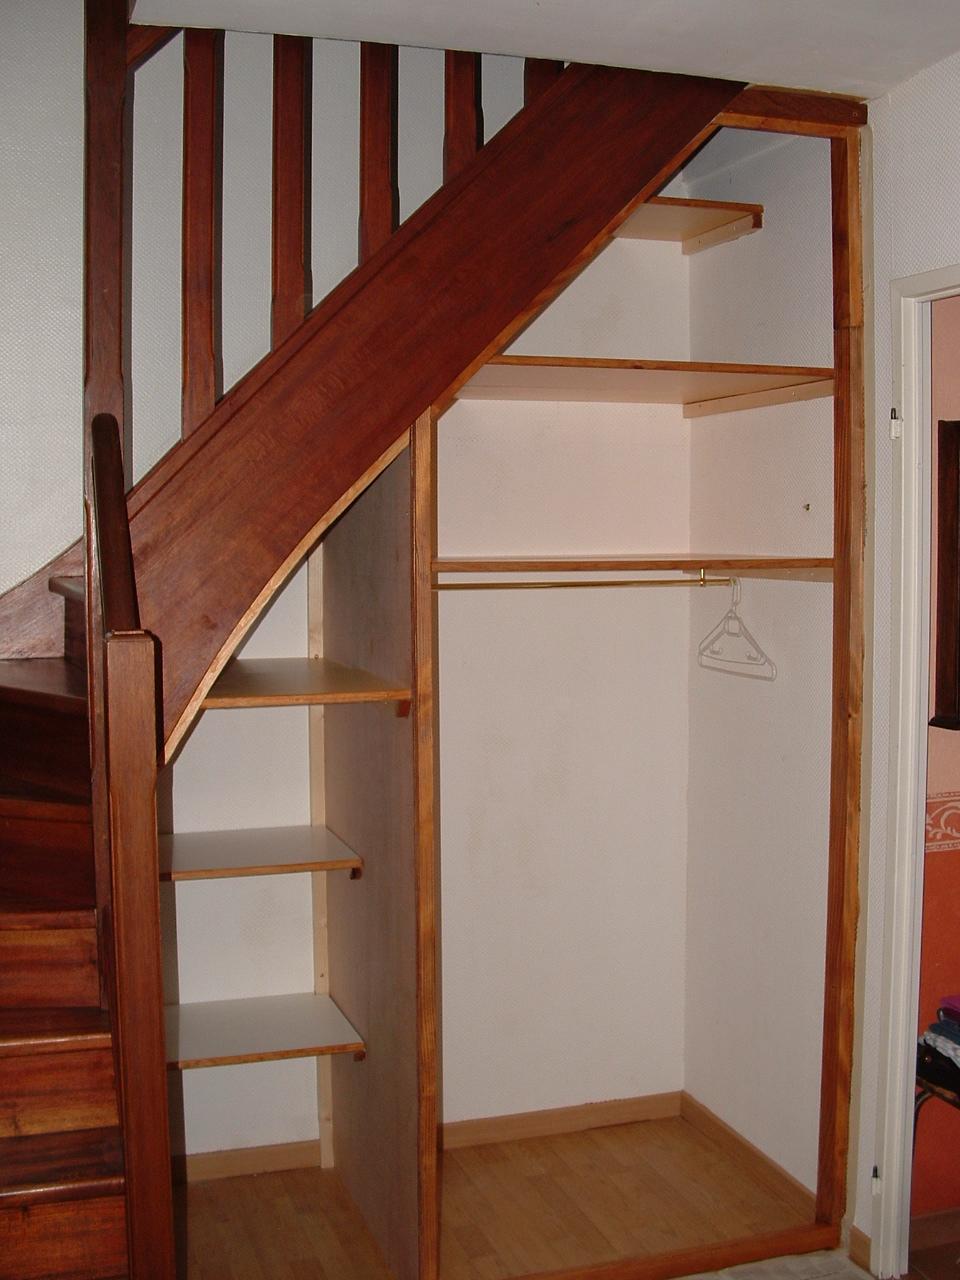 Réaliser l'amenagement placard sous escalier